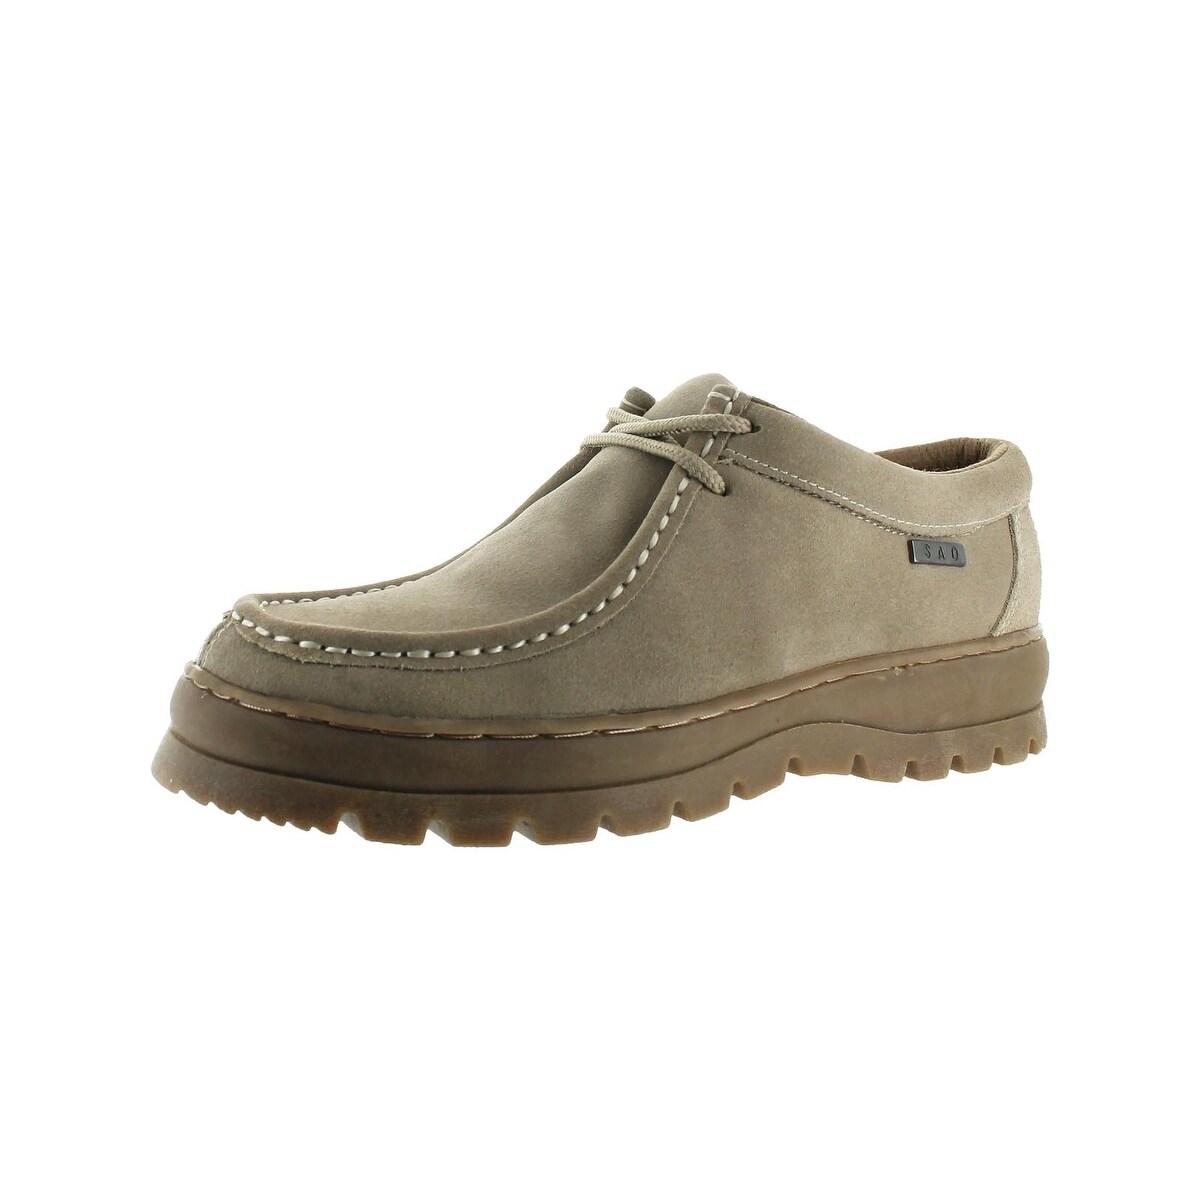 ZHUSSS nurse medical gift for nurses Sandals for Men Women Non-Slip Slippers Unisex Adult House Shower Slippers Sandals